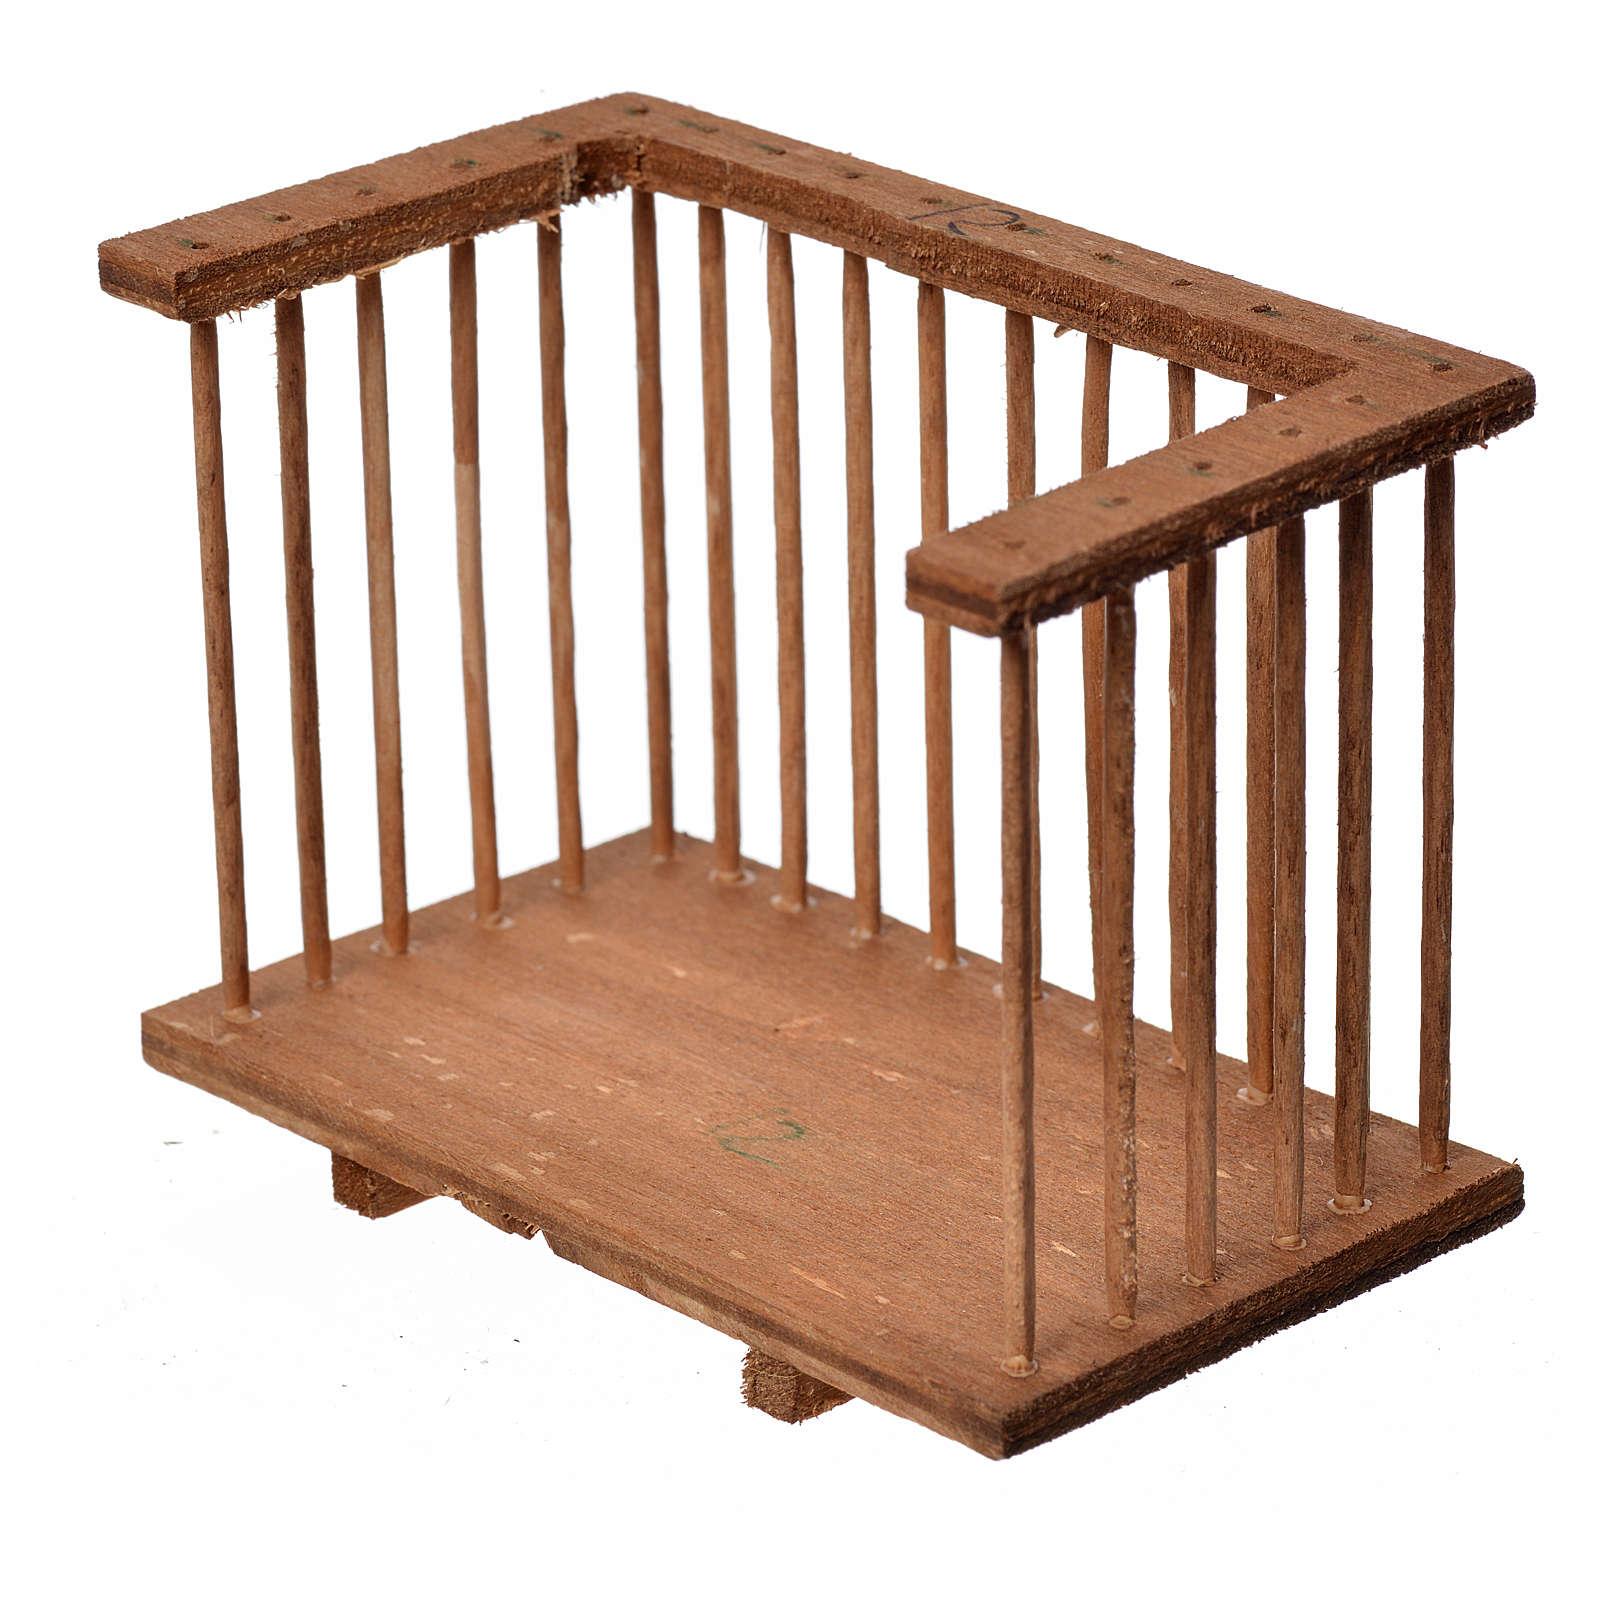 Nativity accessory, wooden square balcony, 6x8.5x5cm 4